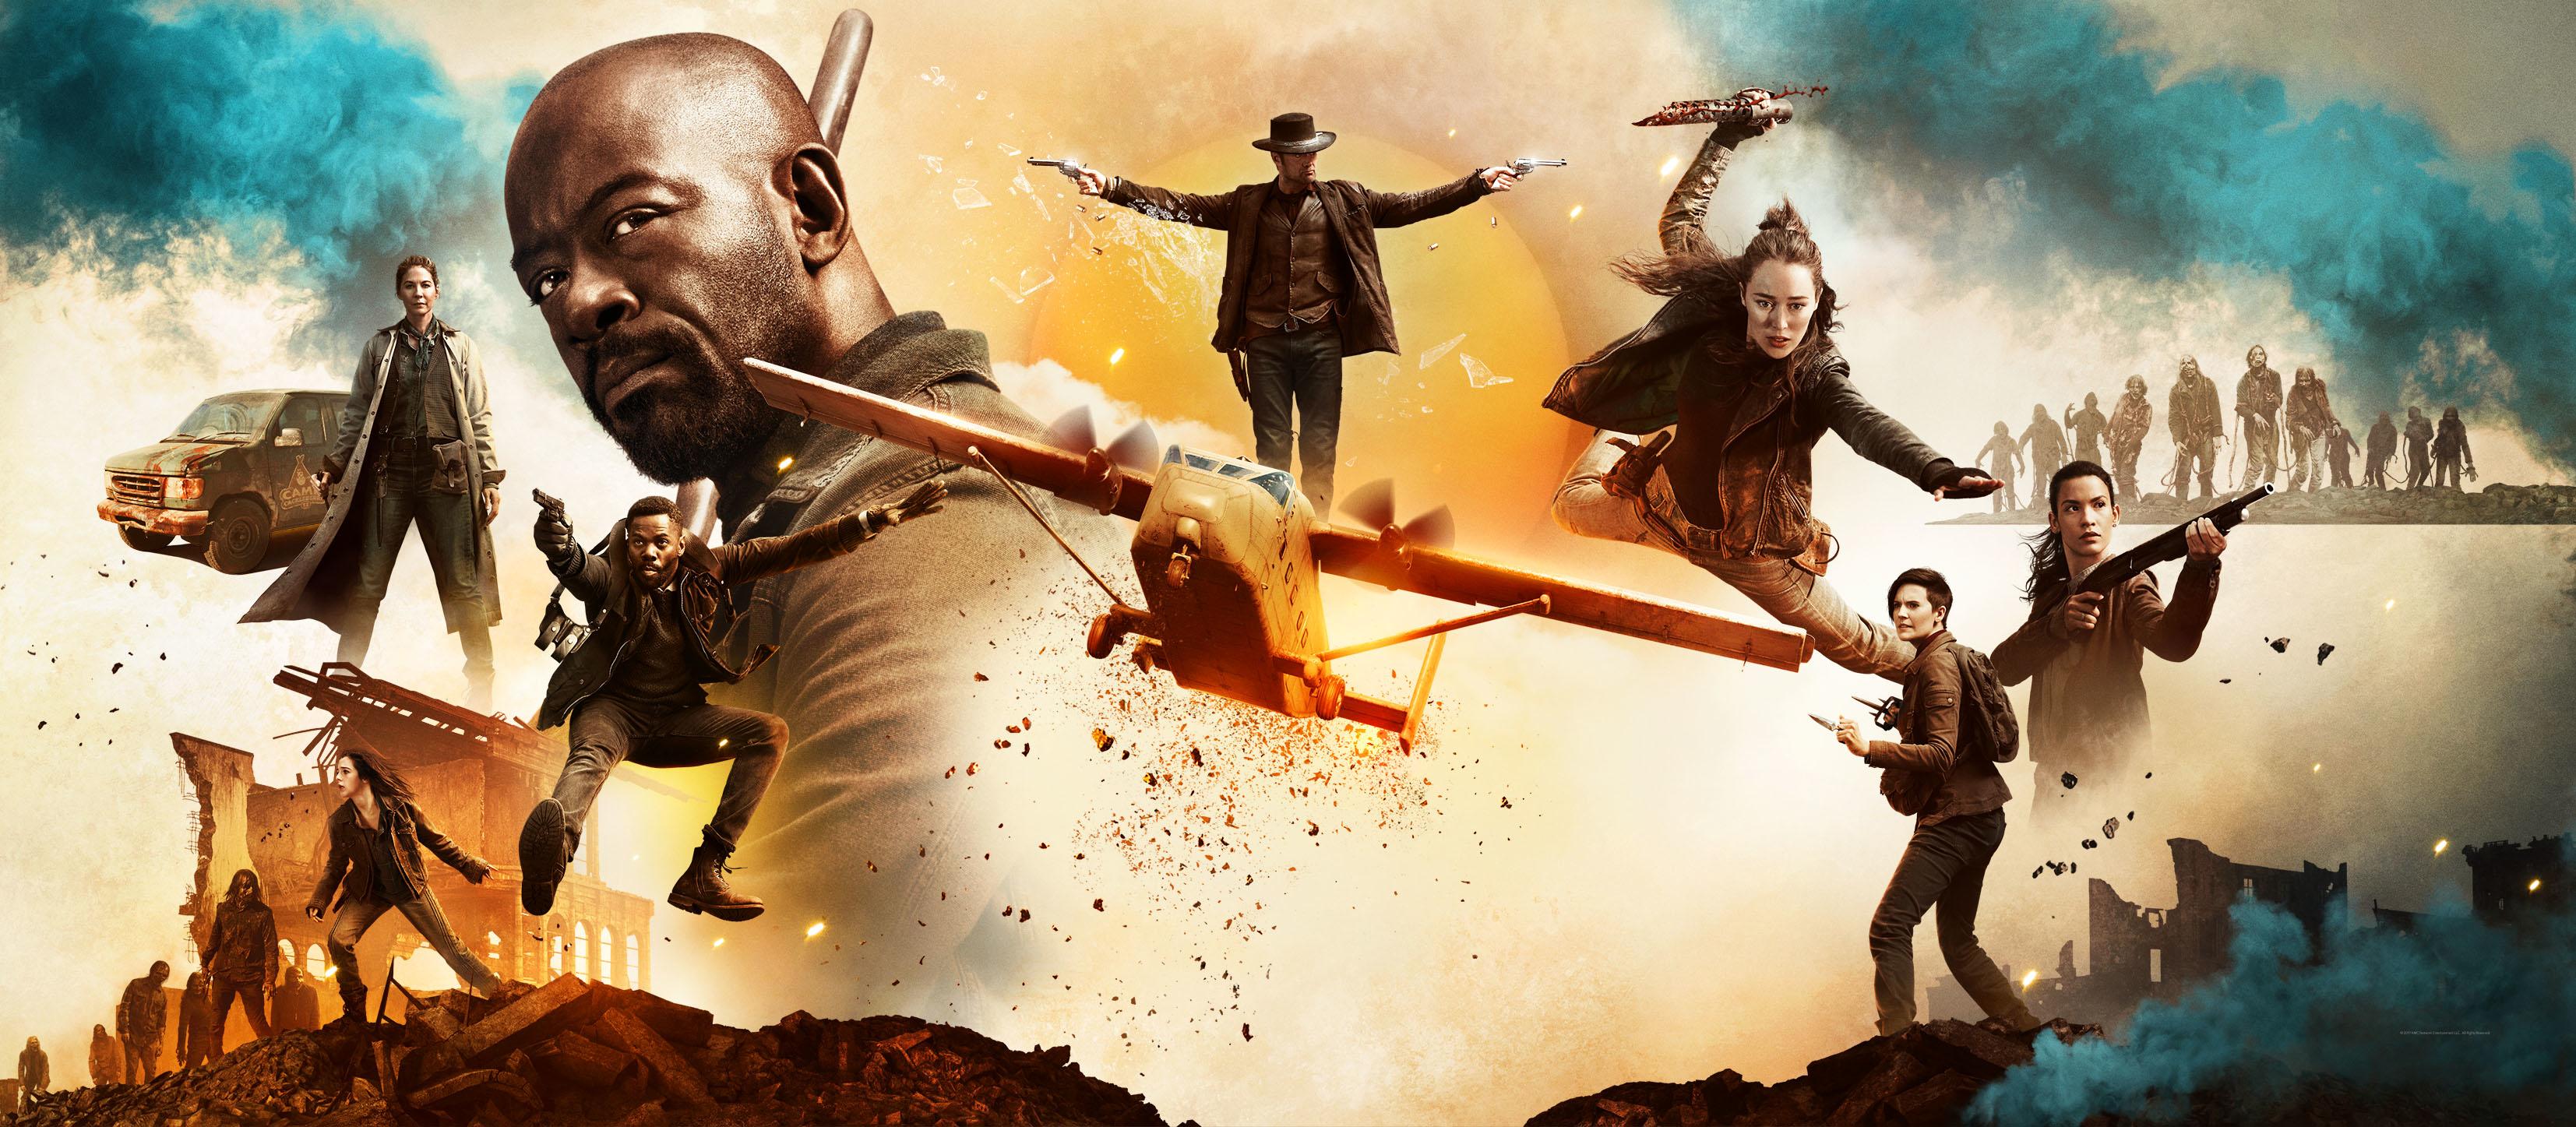 Fear The Walking Dead Season 5 Wallpaper Hd Tv Series 4k